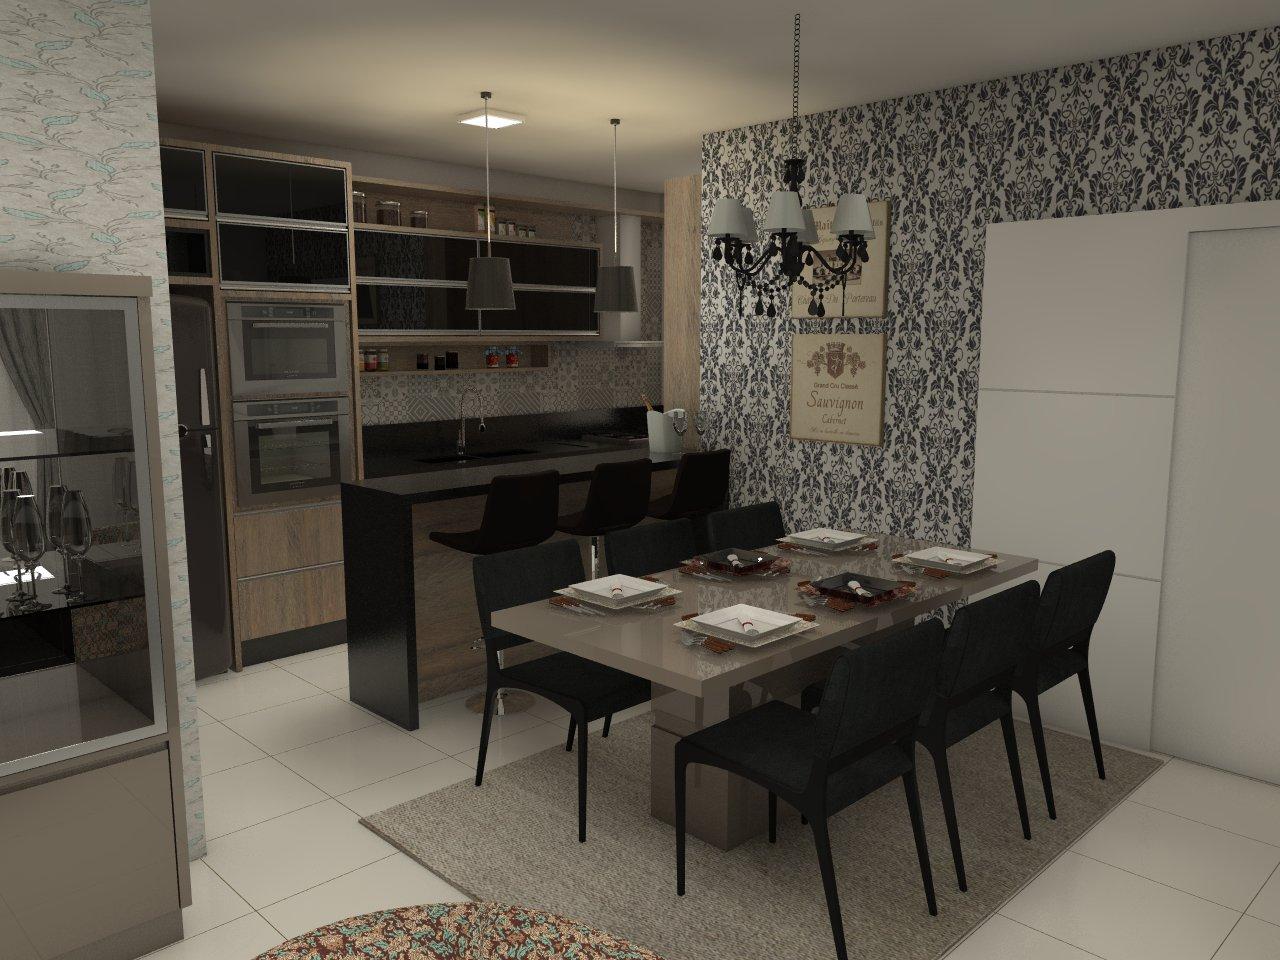 Cozinha Planejada com Bancada e Mesa